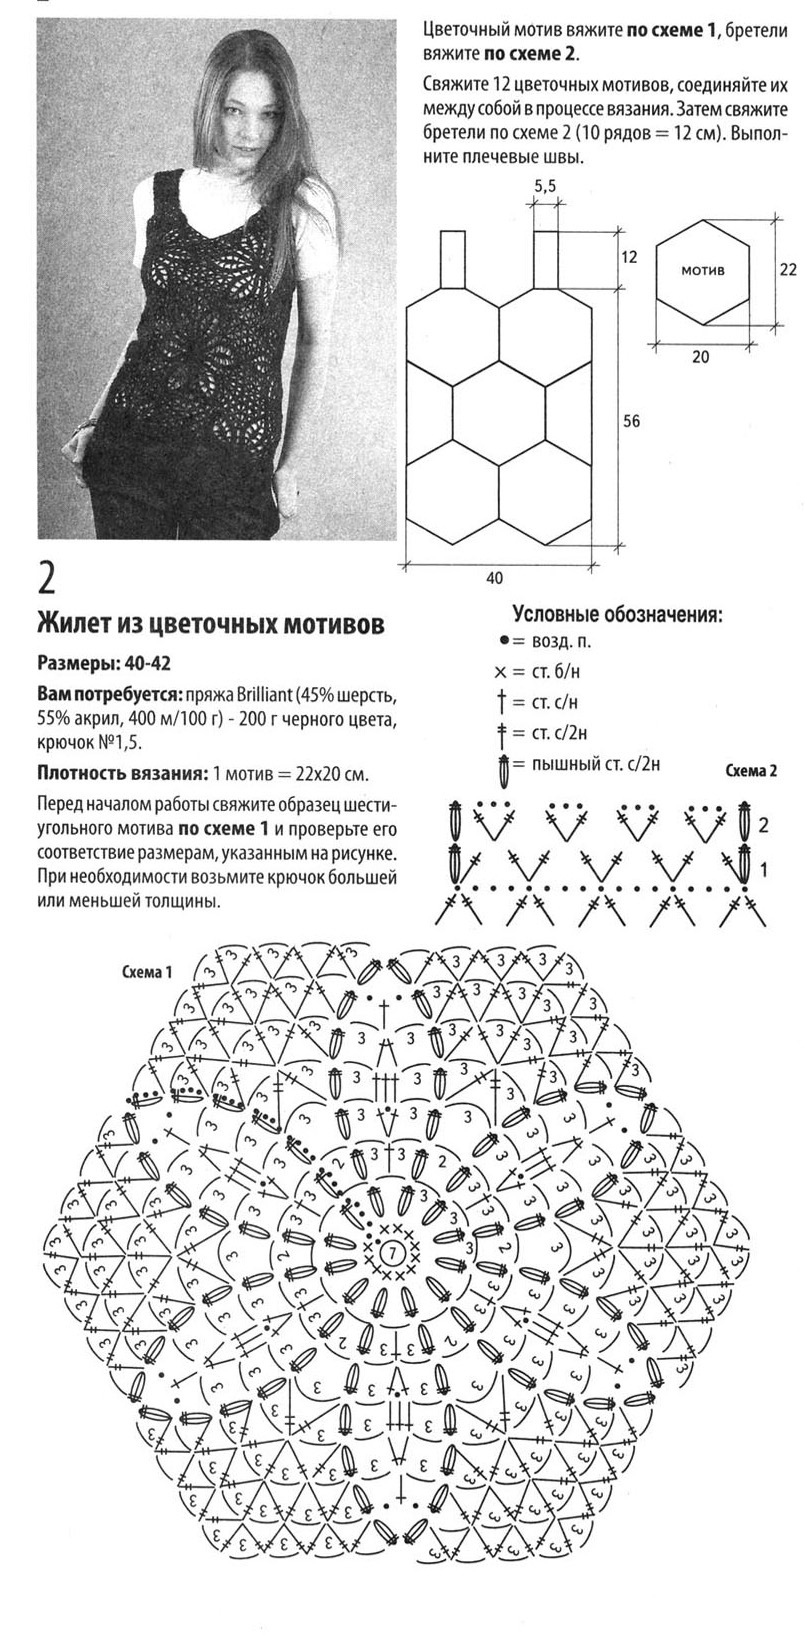 Вязание крючком схемы жилетов из мотивов крючком